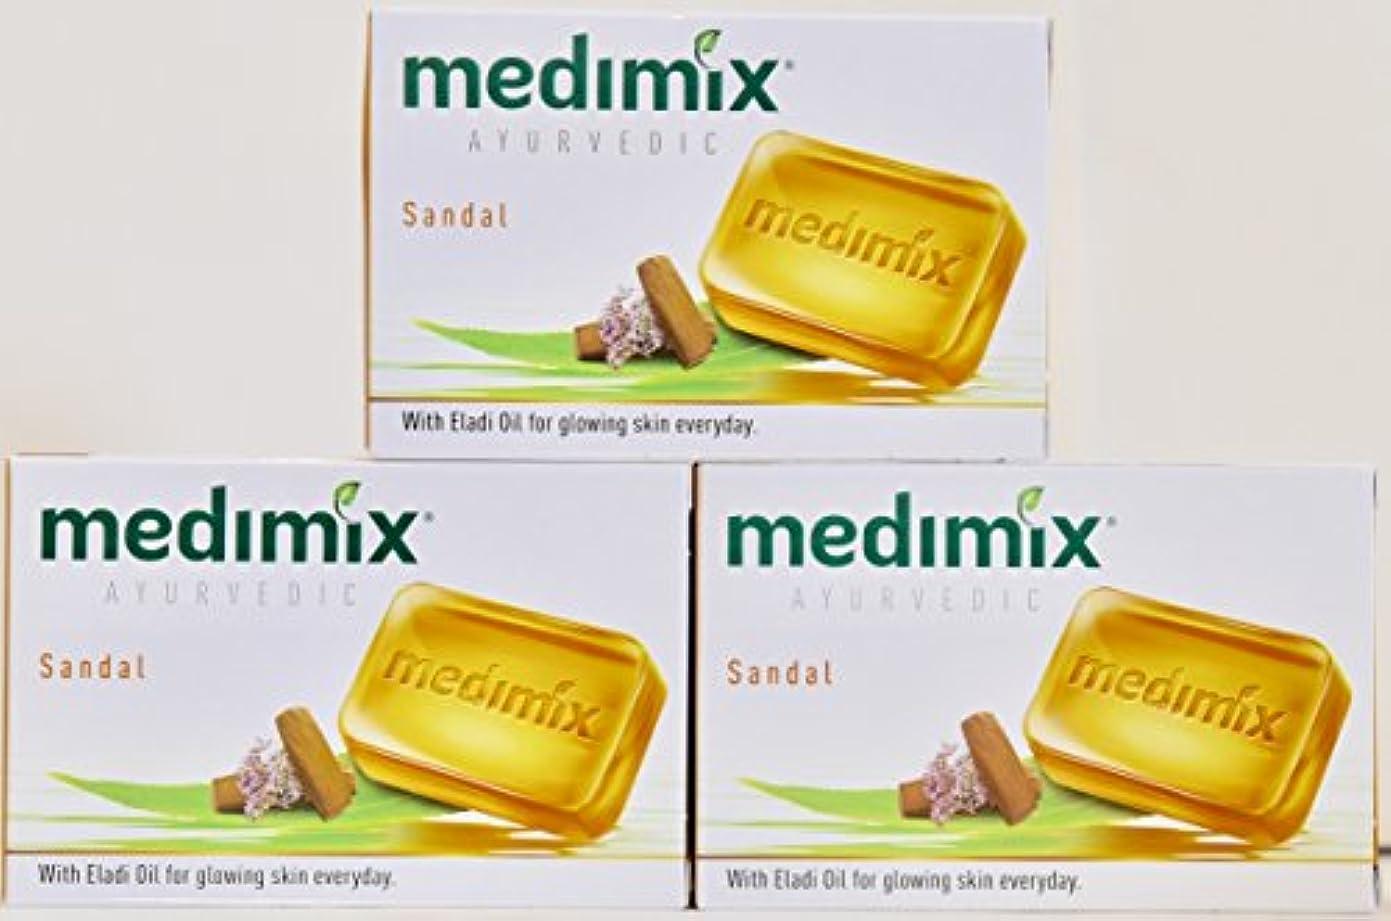 マートキャメルマチュピチュmedimix メディミックス サンダル 3個入り 125g(旧クラシックオレンジ)